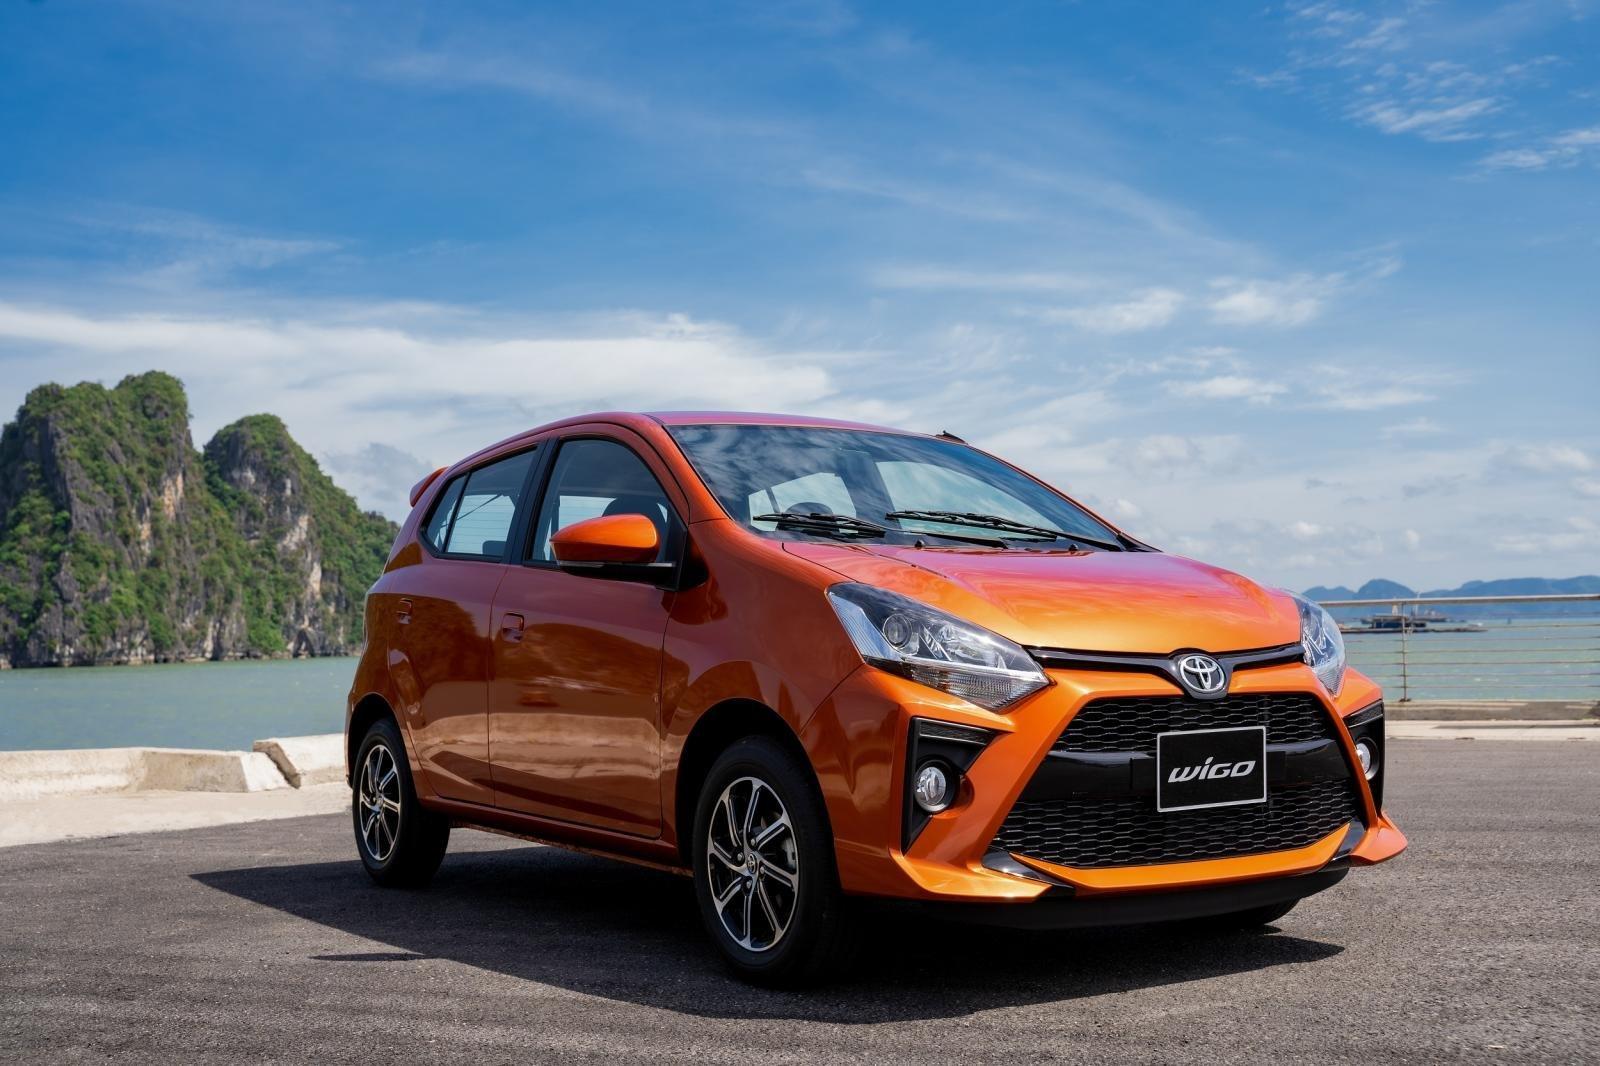 Toyota tung ưu đãi khủng cho Wigo phiên bản mới lên đến 20 triệu đồng. (Ảnh: Toyota Việt Nam)